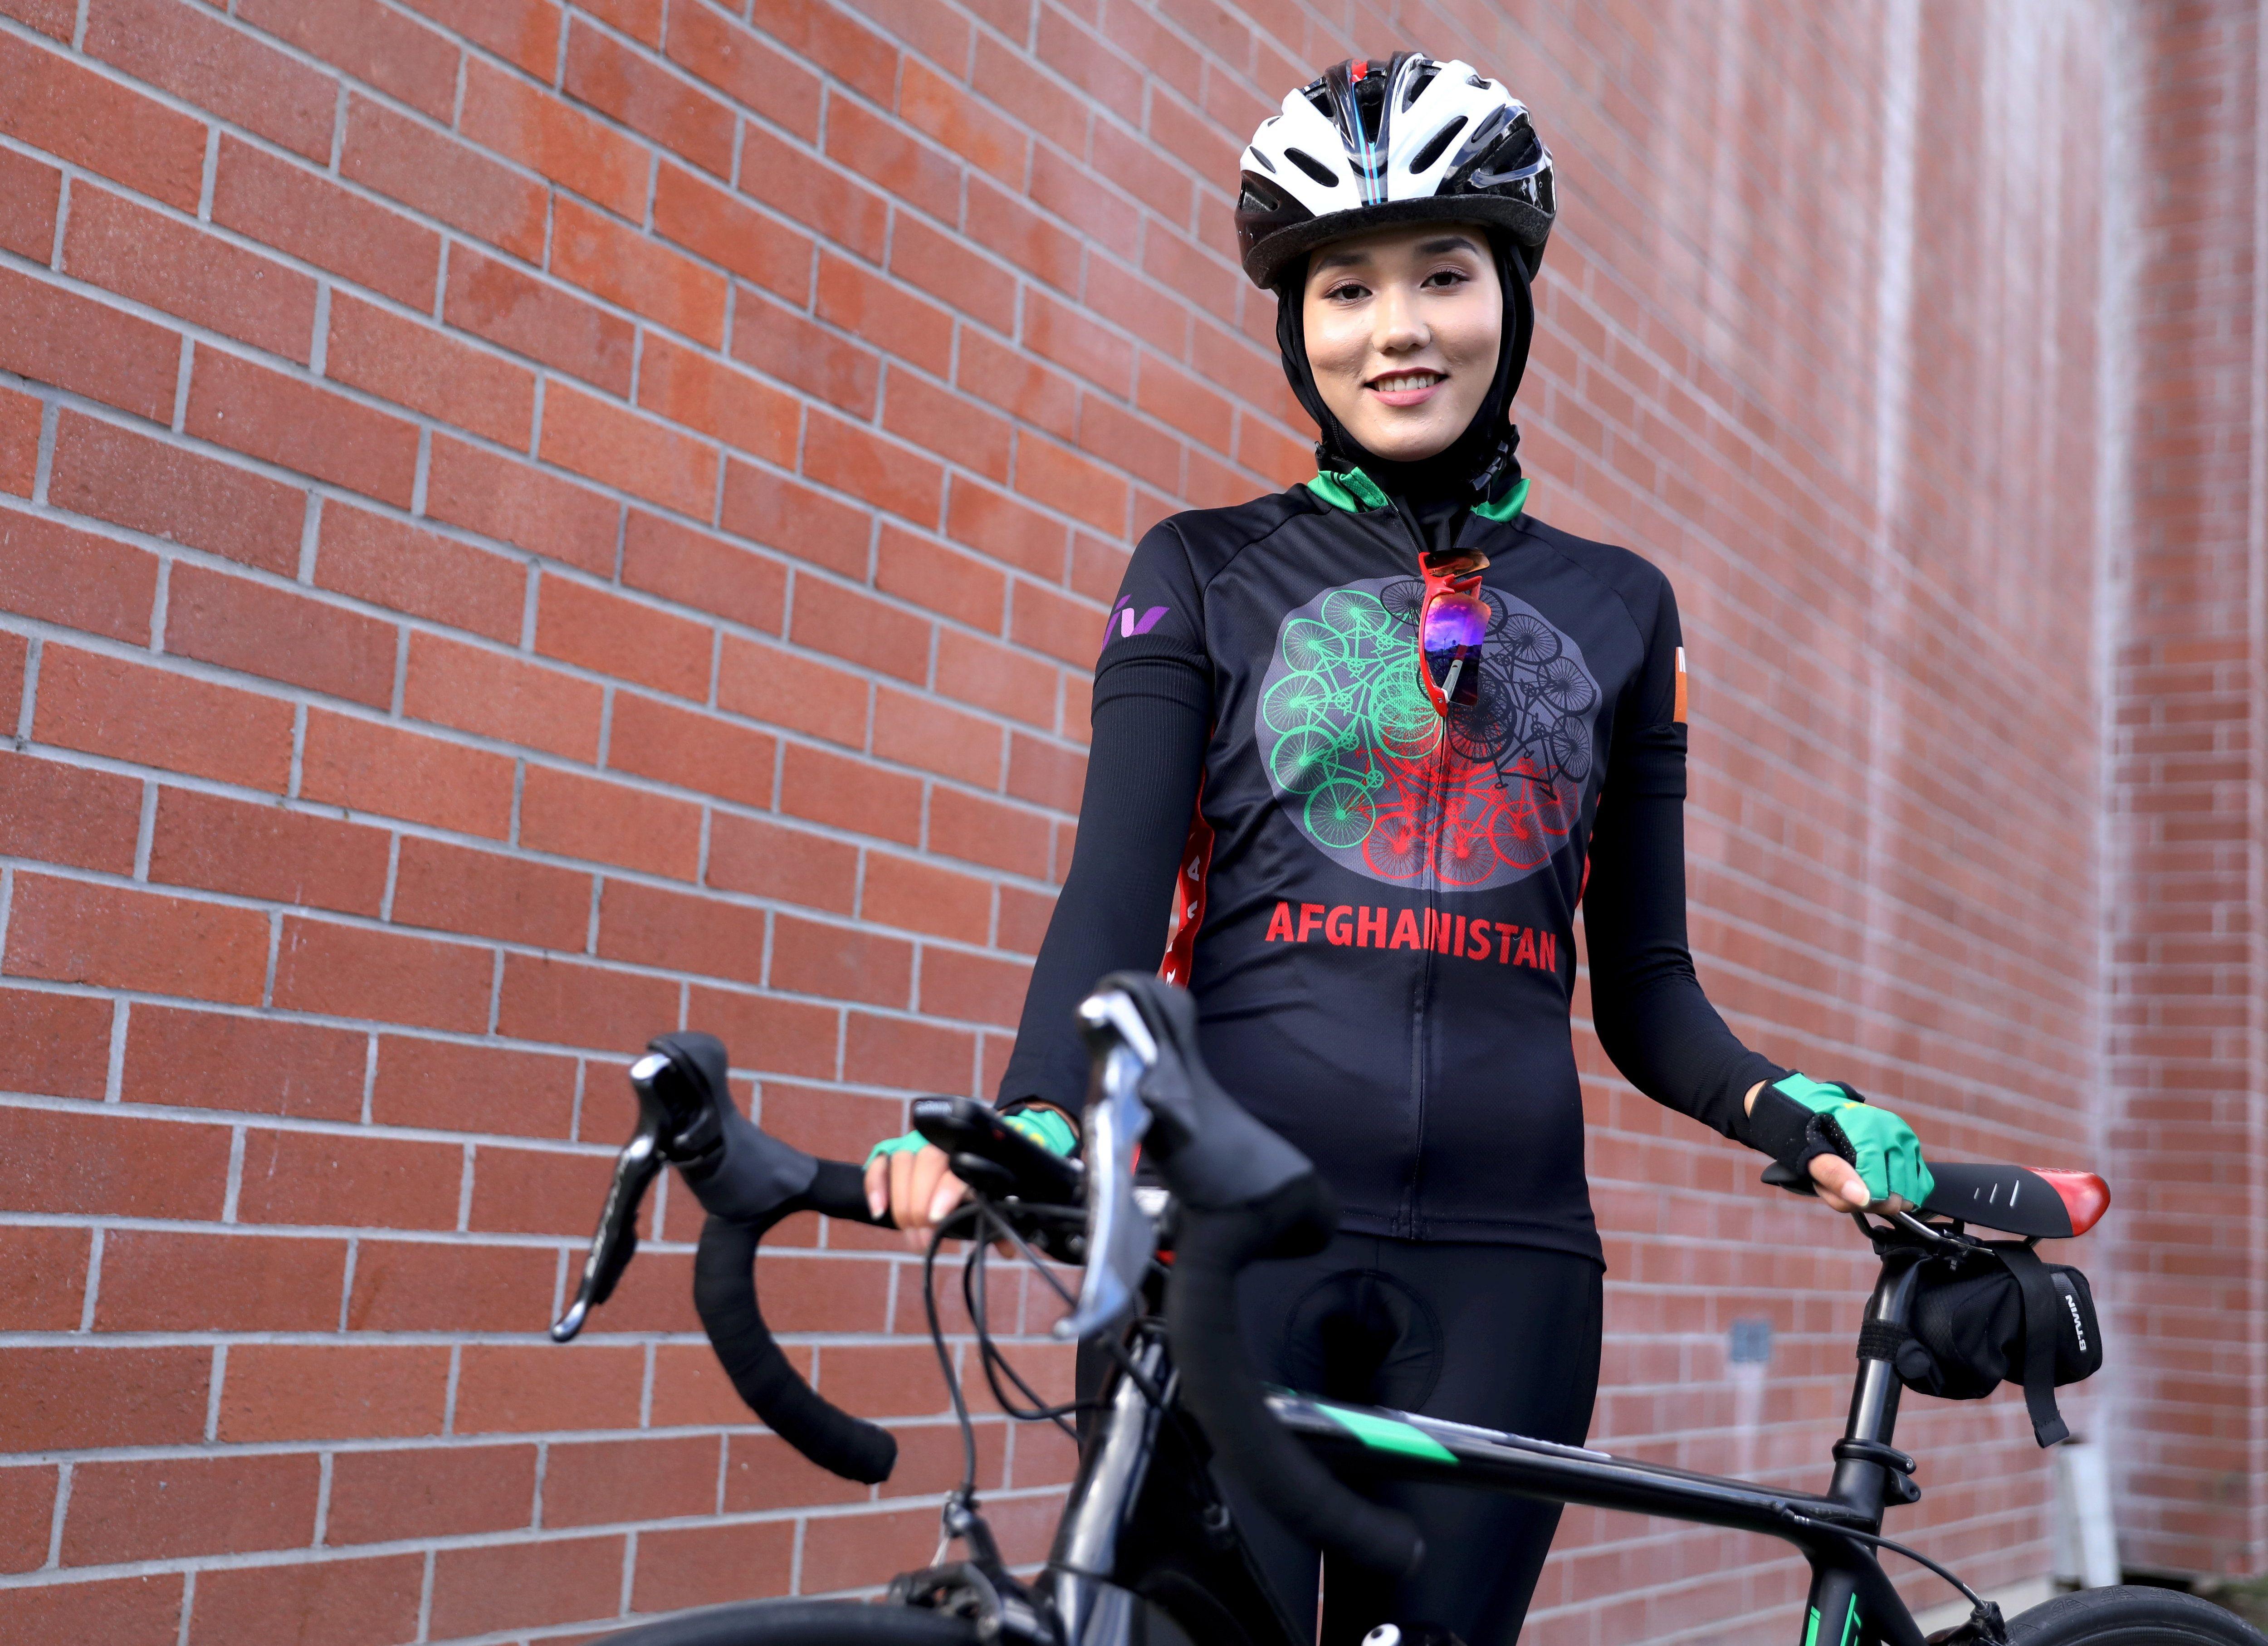 Cyclisme : réfugiée en France, l'Afghane Masomah Ali Zada fonce vers les Jeux olympiques